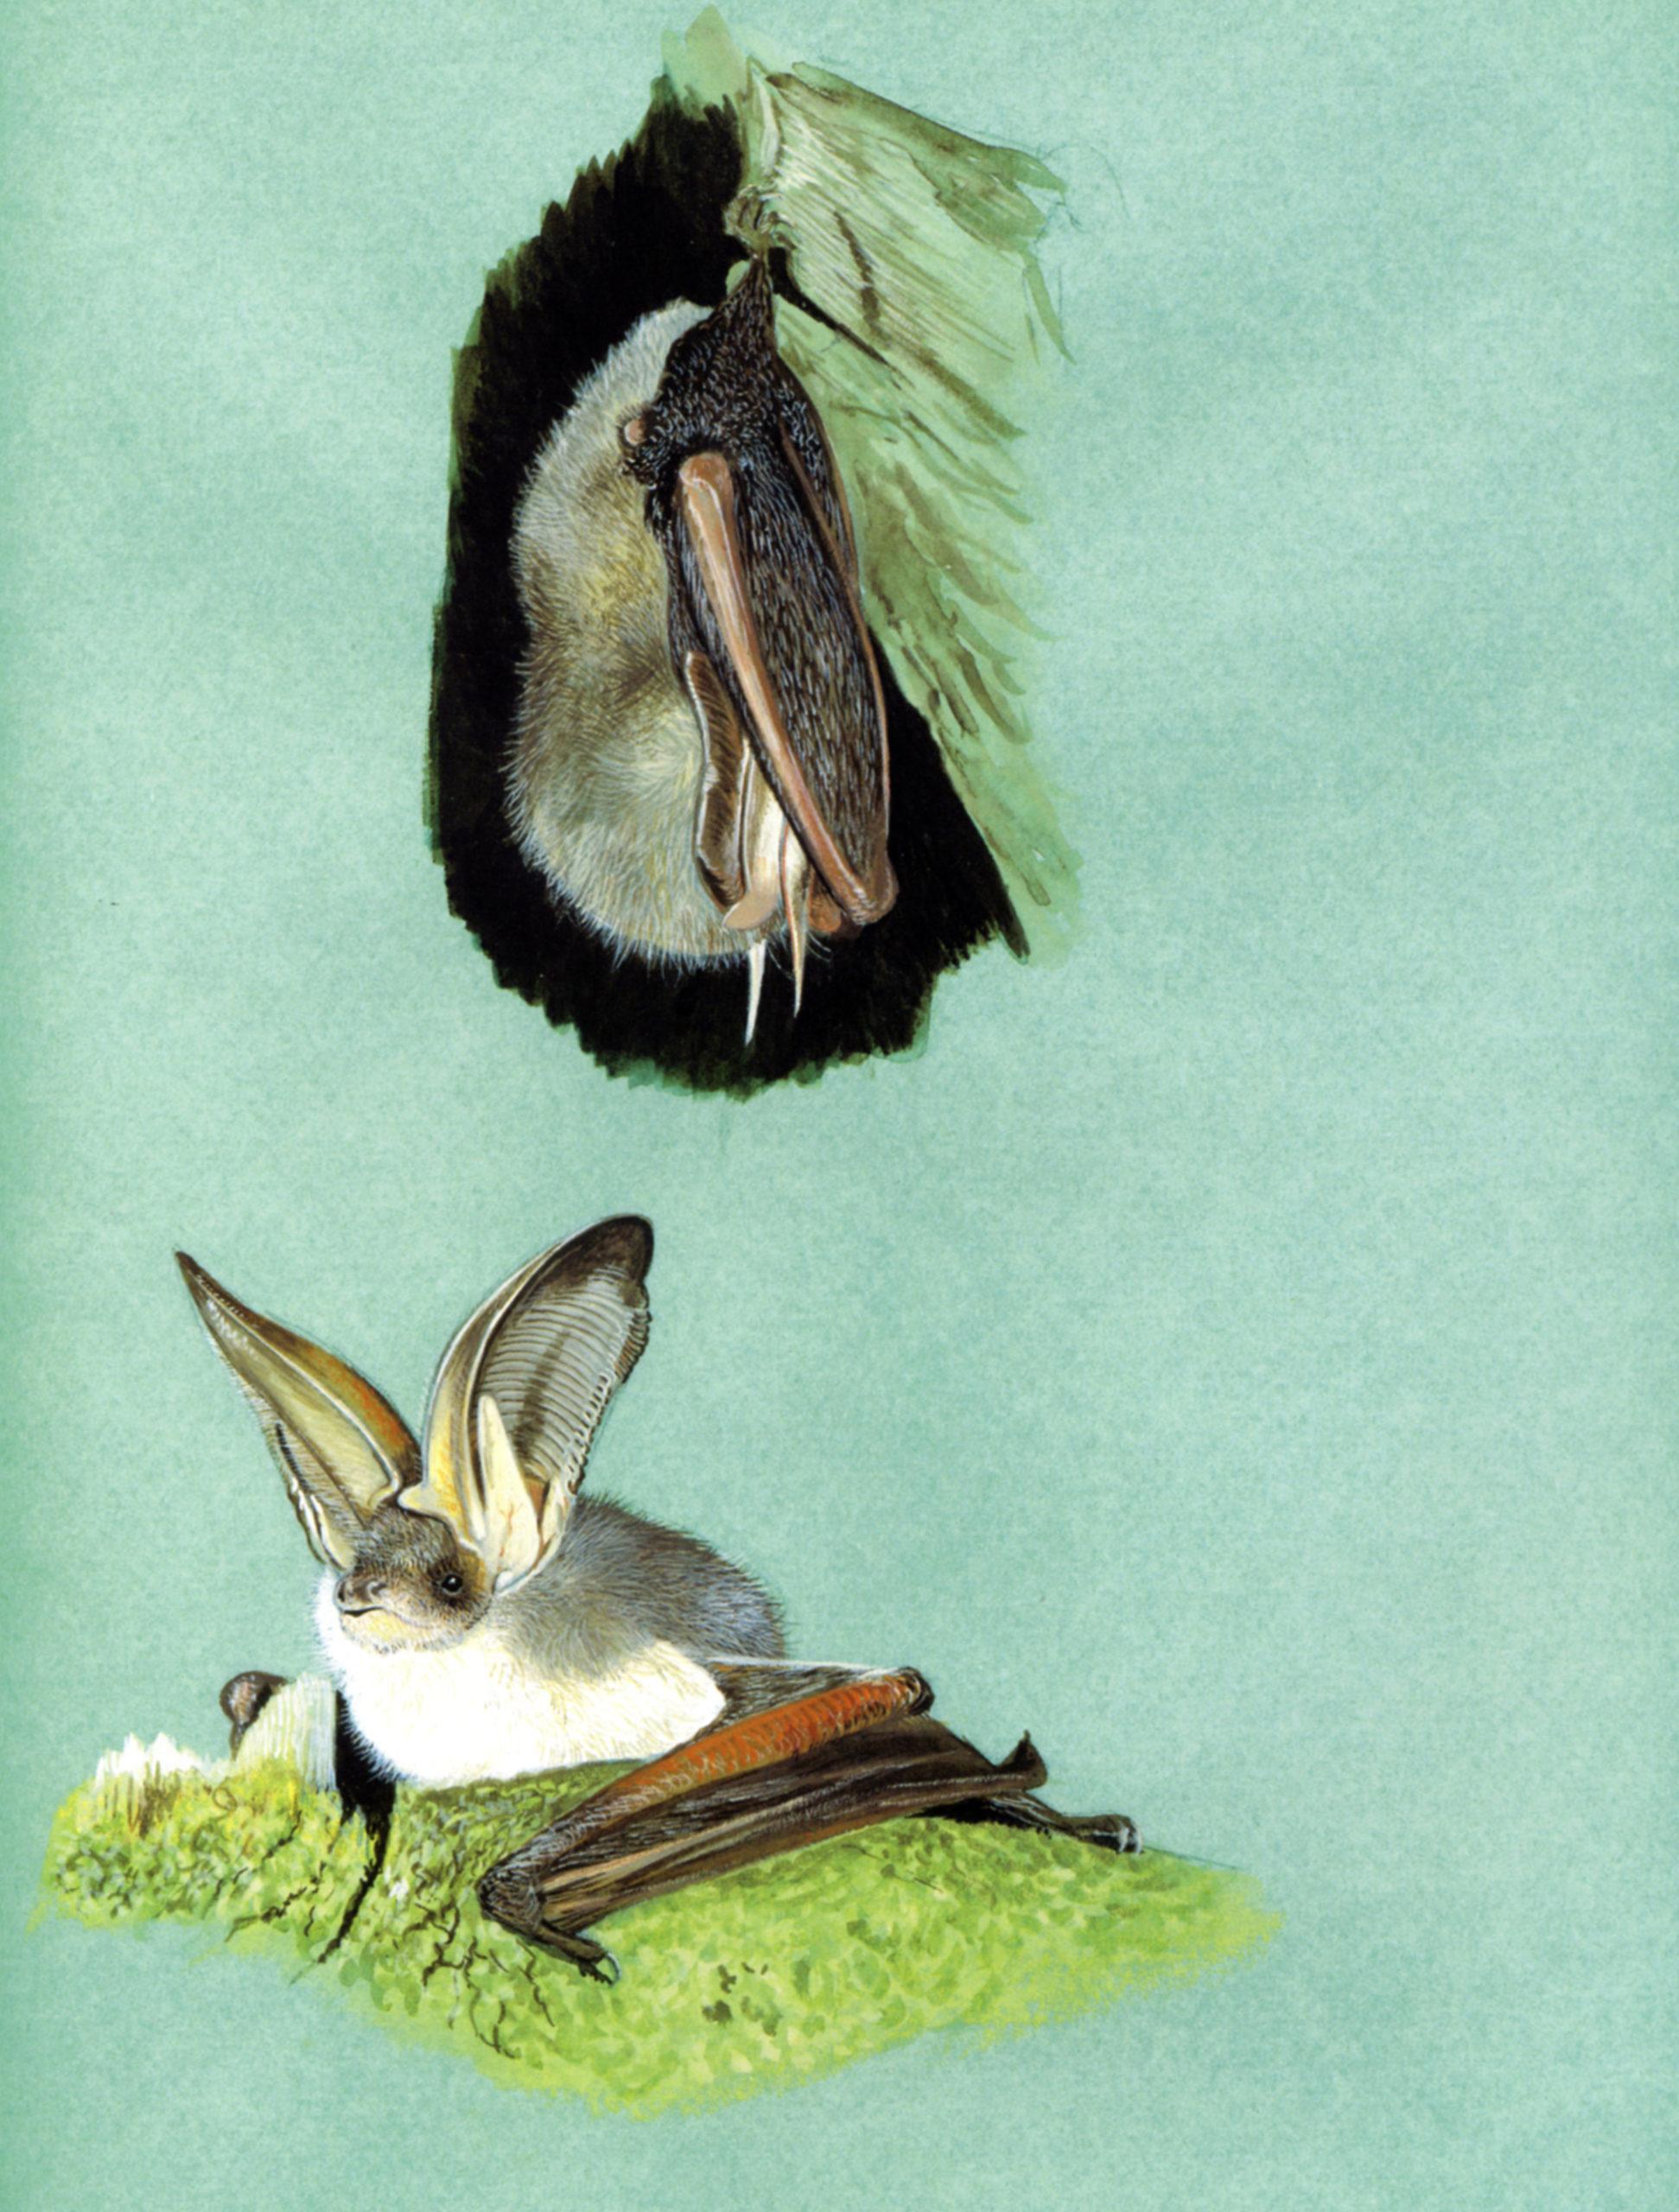 Orecchione alpino (Plecotus macrobullaris)